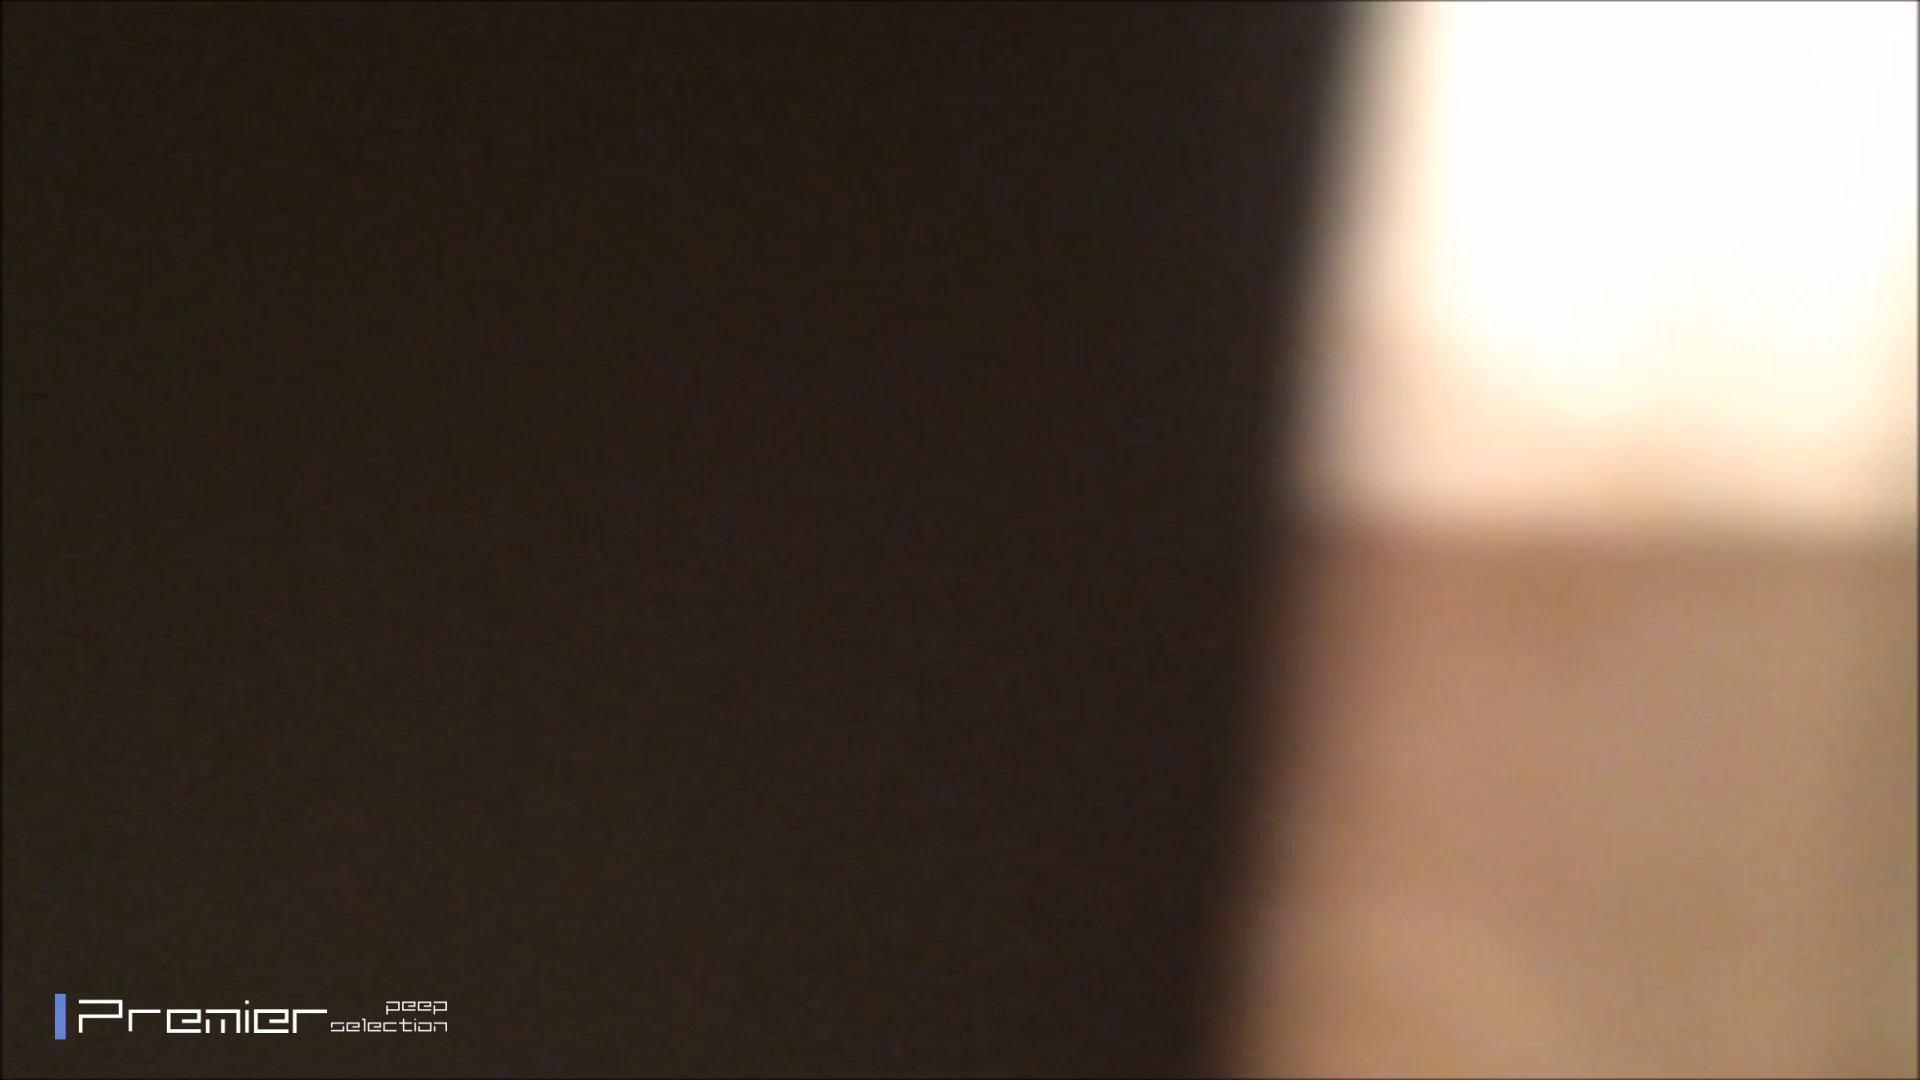 シャワーのお湯を跳ね返すお肌 乙女の風呂場 Vol.03 高画質 セックス画像 108枚 5